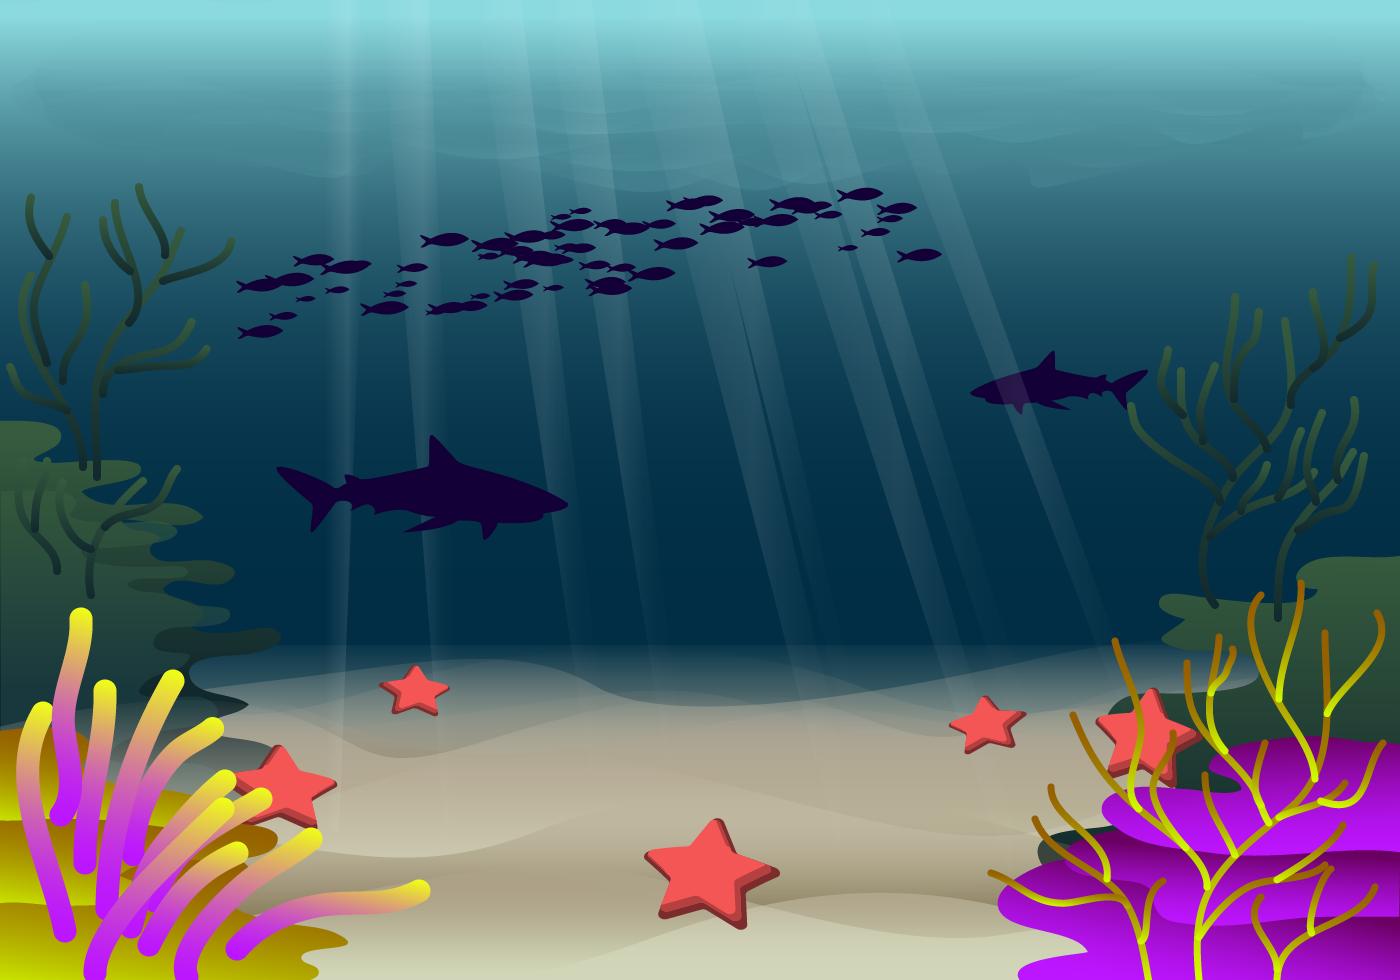 Vector libre del fondo del mar descargue gr ficos y - Fotos fondo del mar ...